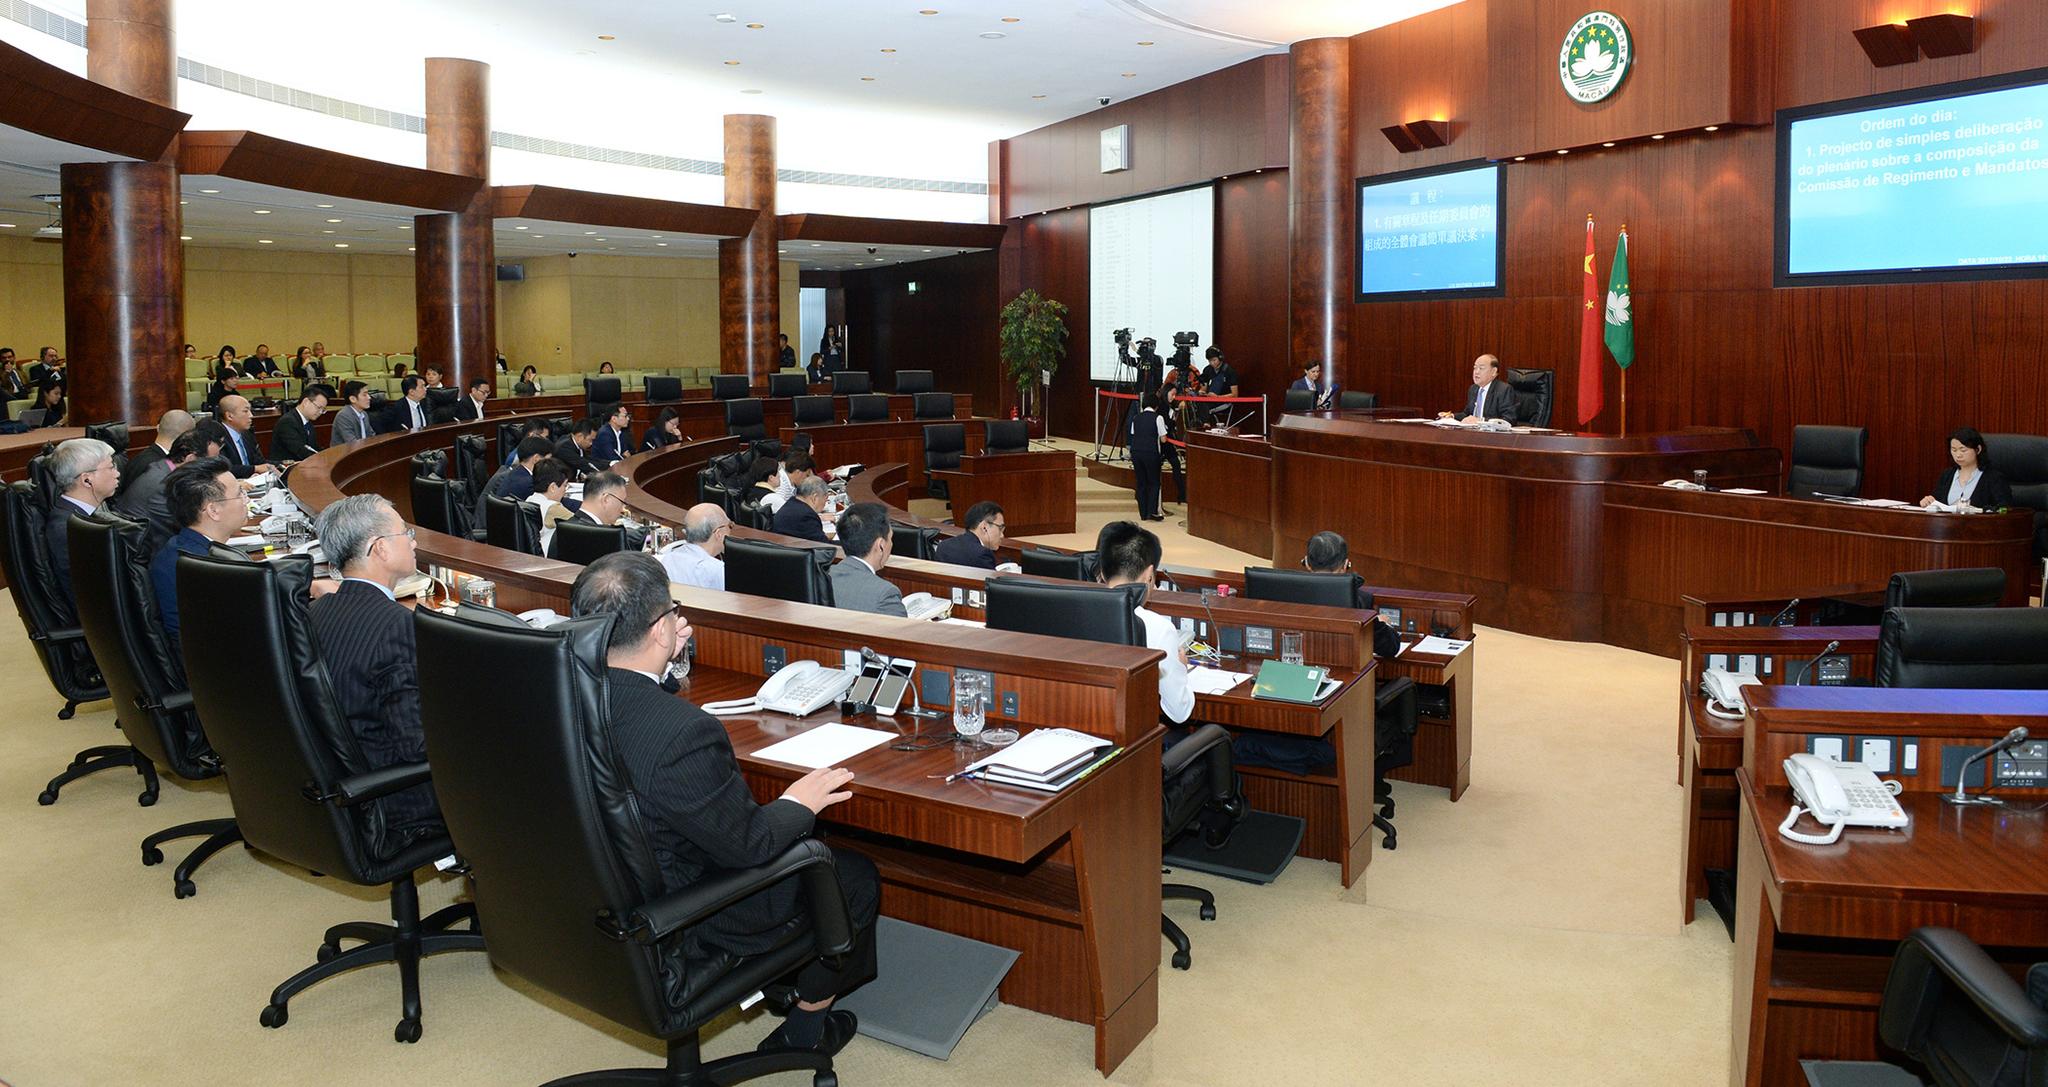 Funcionários públicos | Deputado sugeriu substituição por meios electrónicos